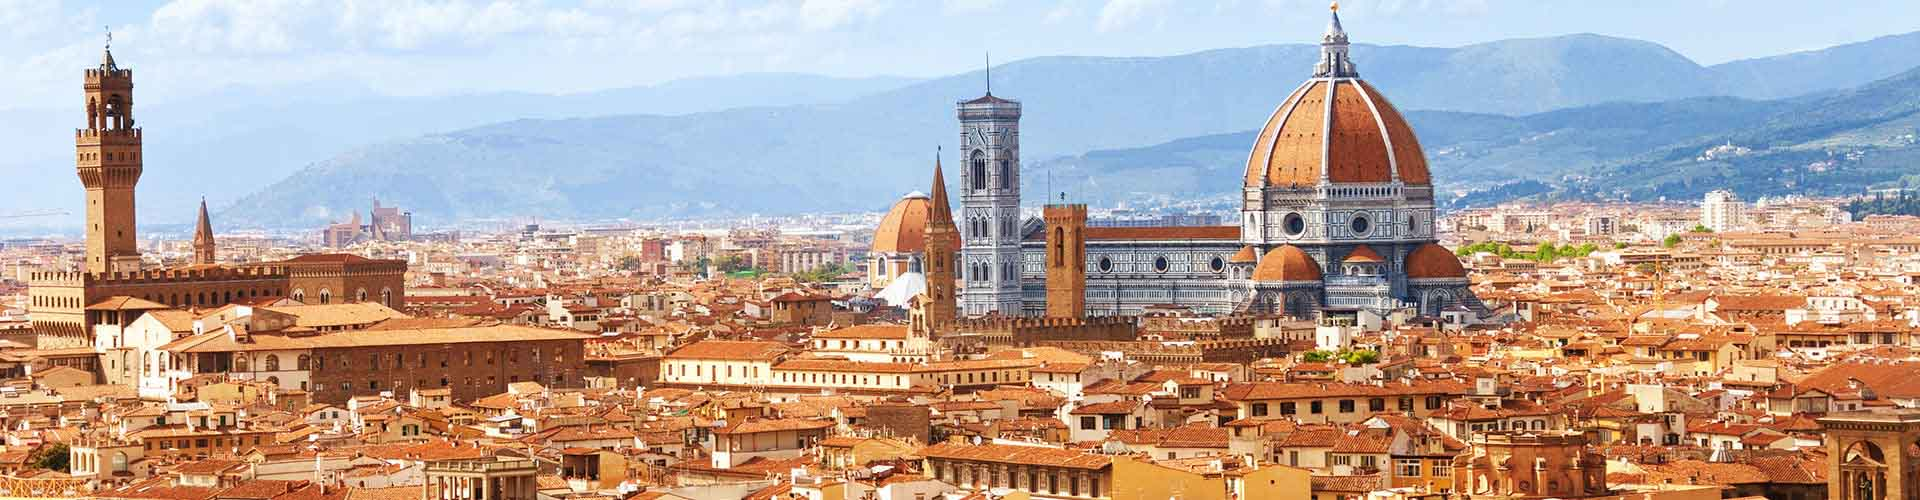 Florence - Auberges de jeunesse dans le quartier de La Forteresse. Cartes pour Florence, photos et commentaires pour chaque auberge de jeunesse à Florence.